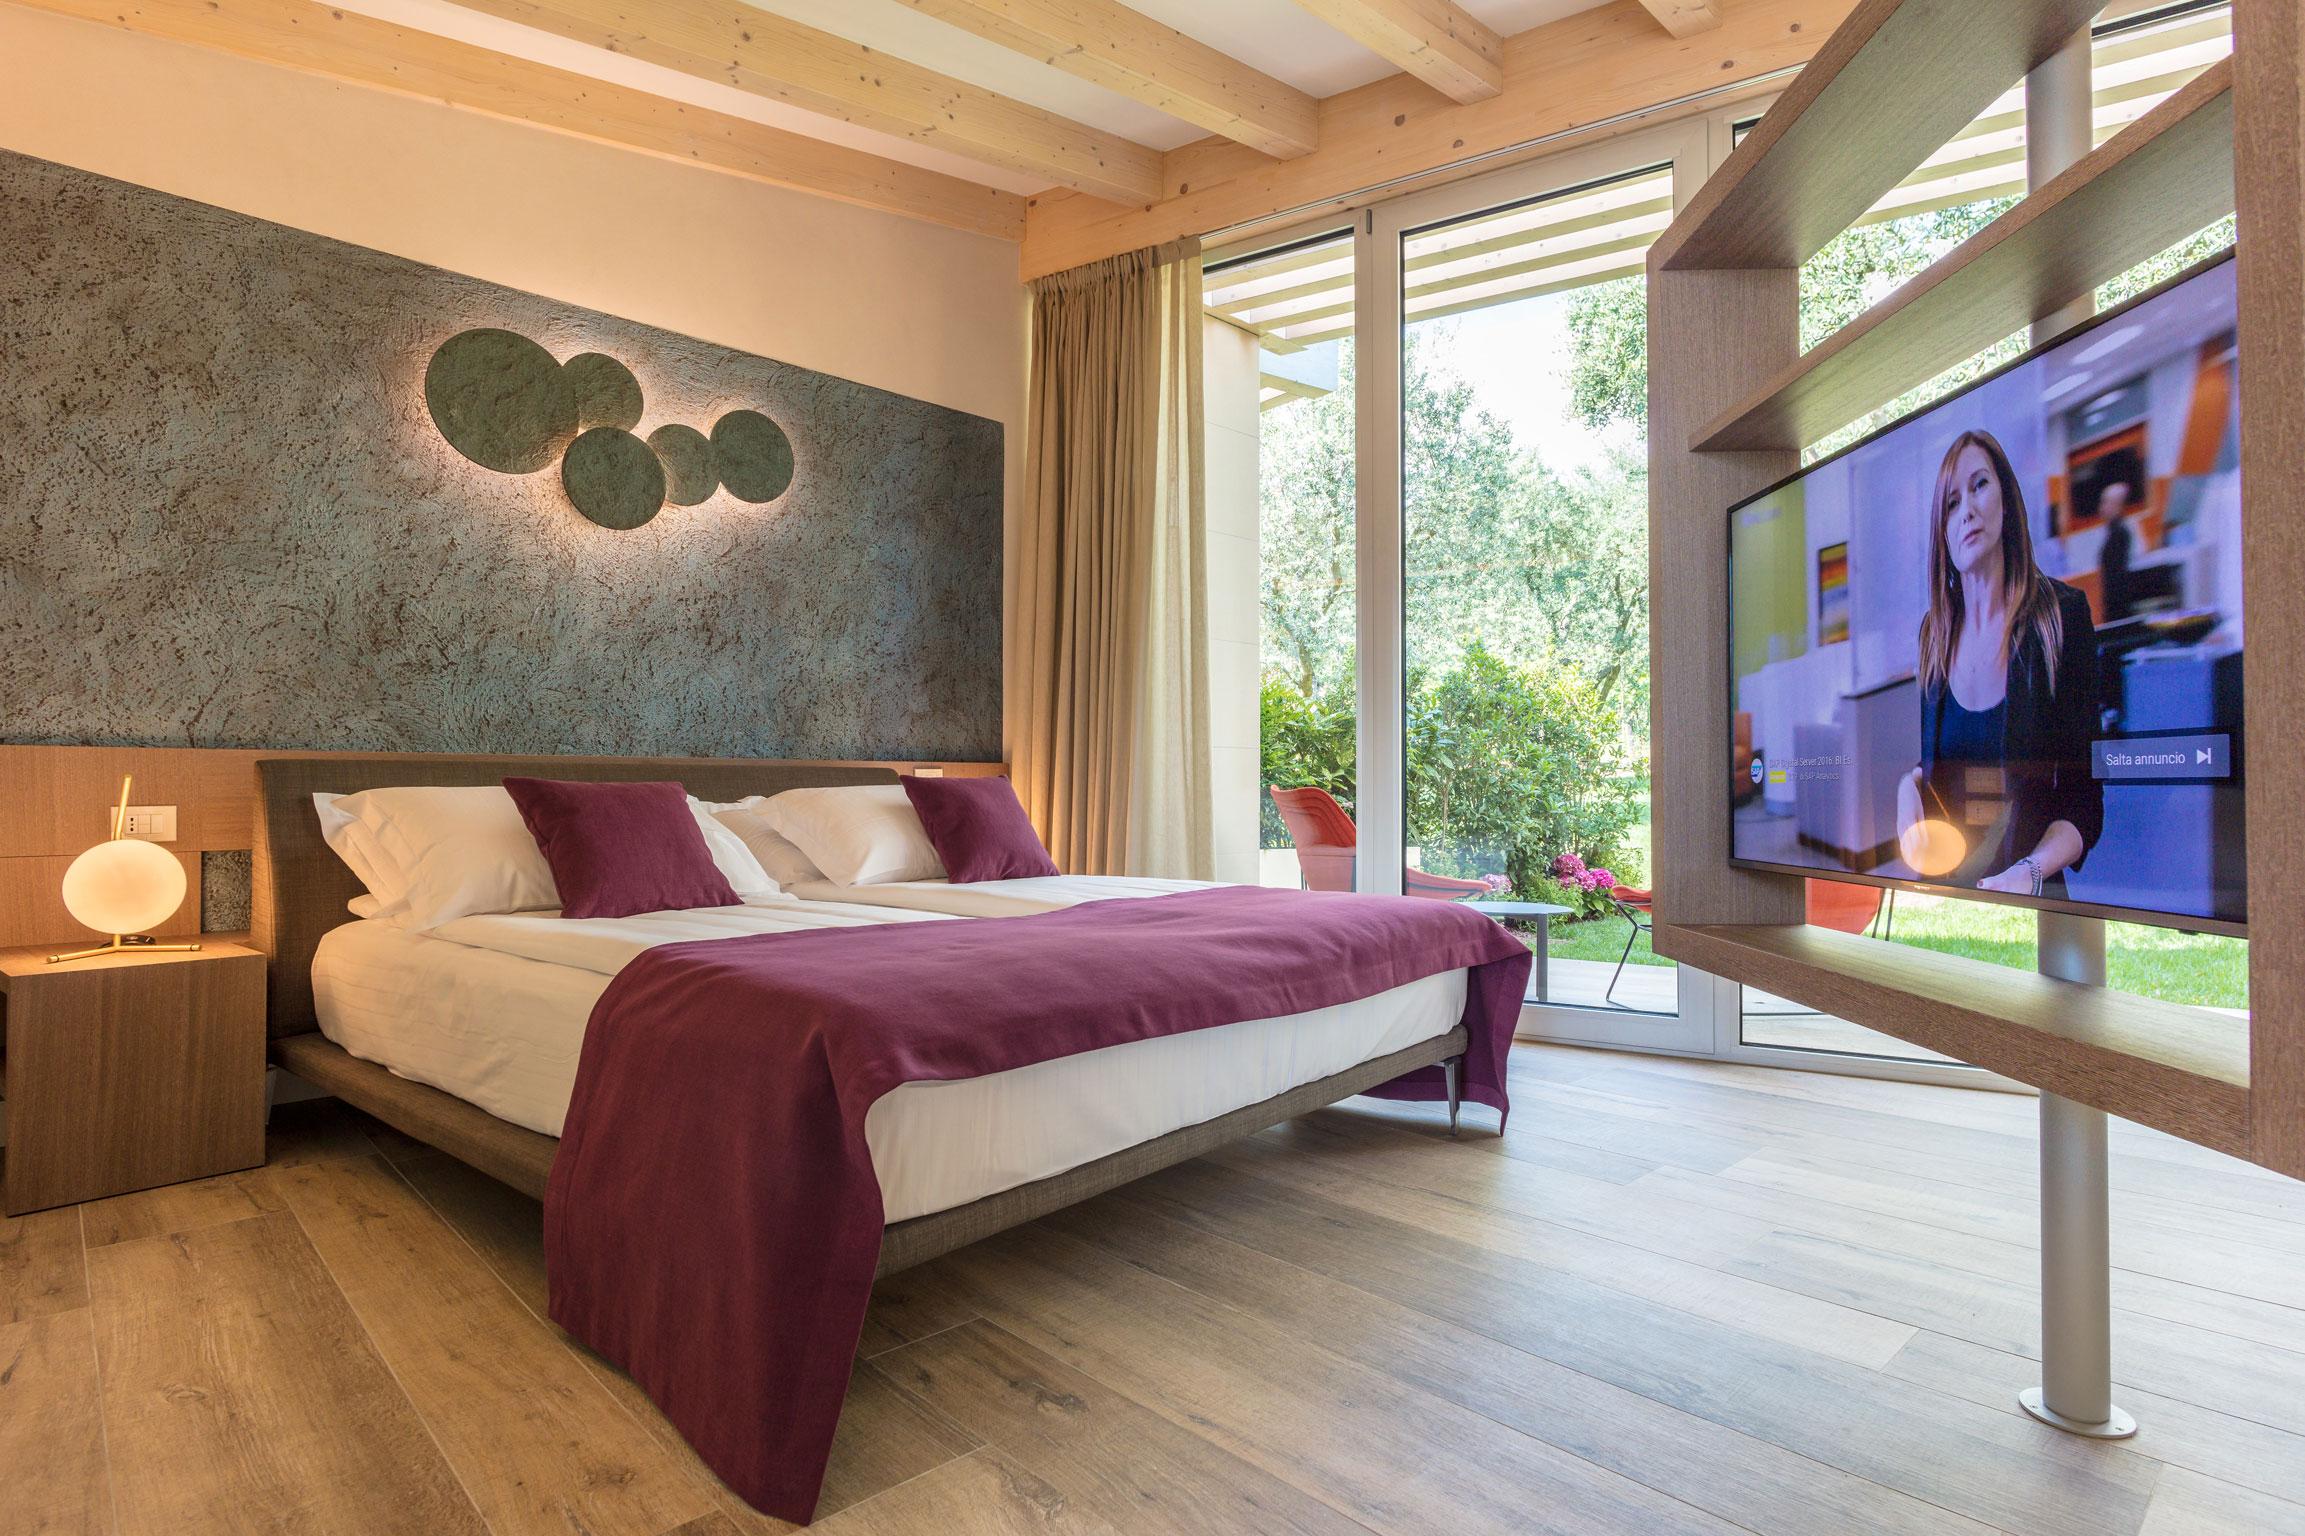 Camere Da Letto Piu Belle Del Mondo home it | san colombano suite